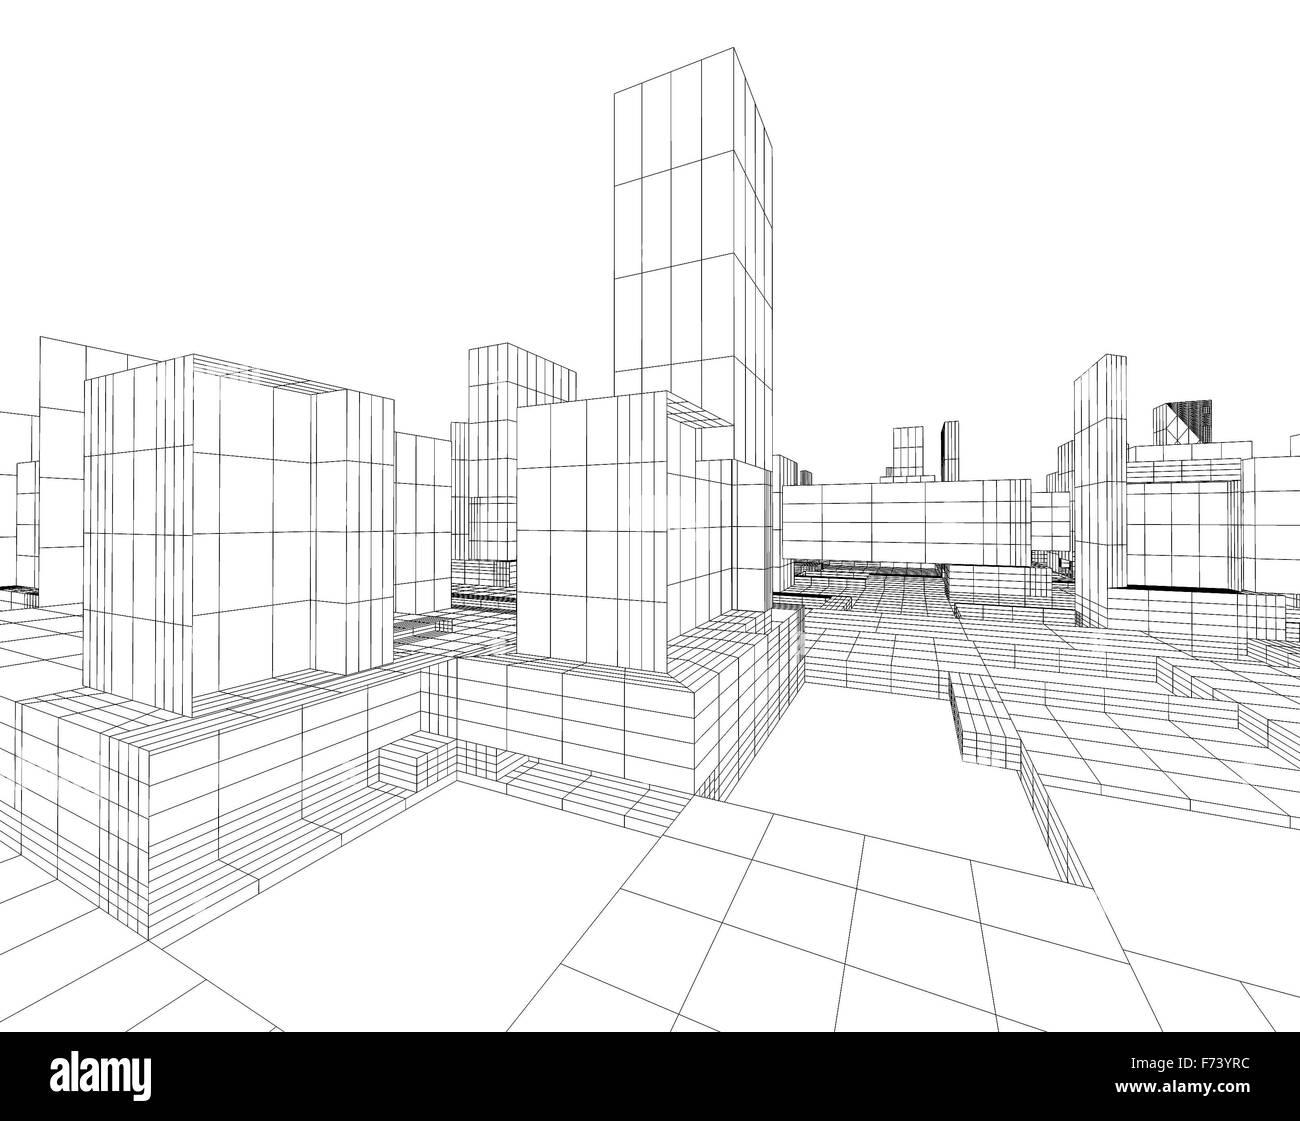 3D Bild der Stadt Blaupause mit Wolkenkratzer und Straße Stockfoto ...